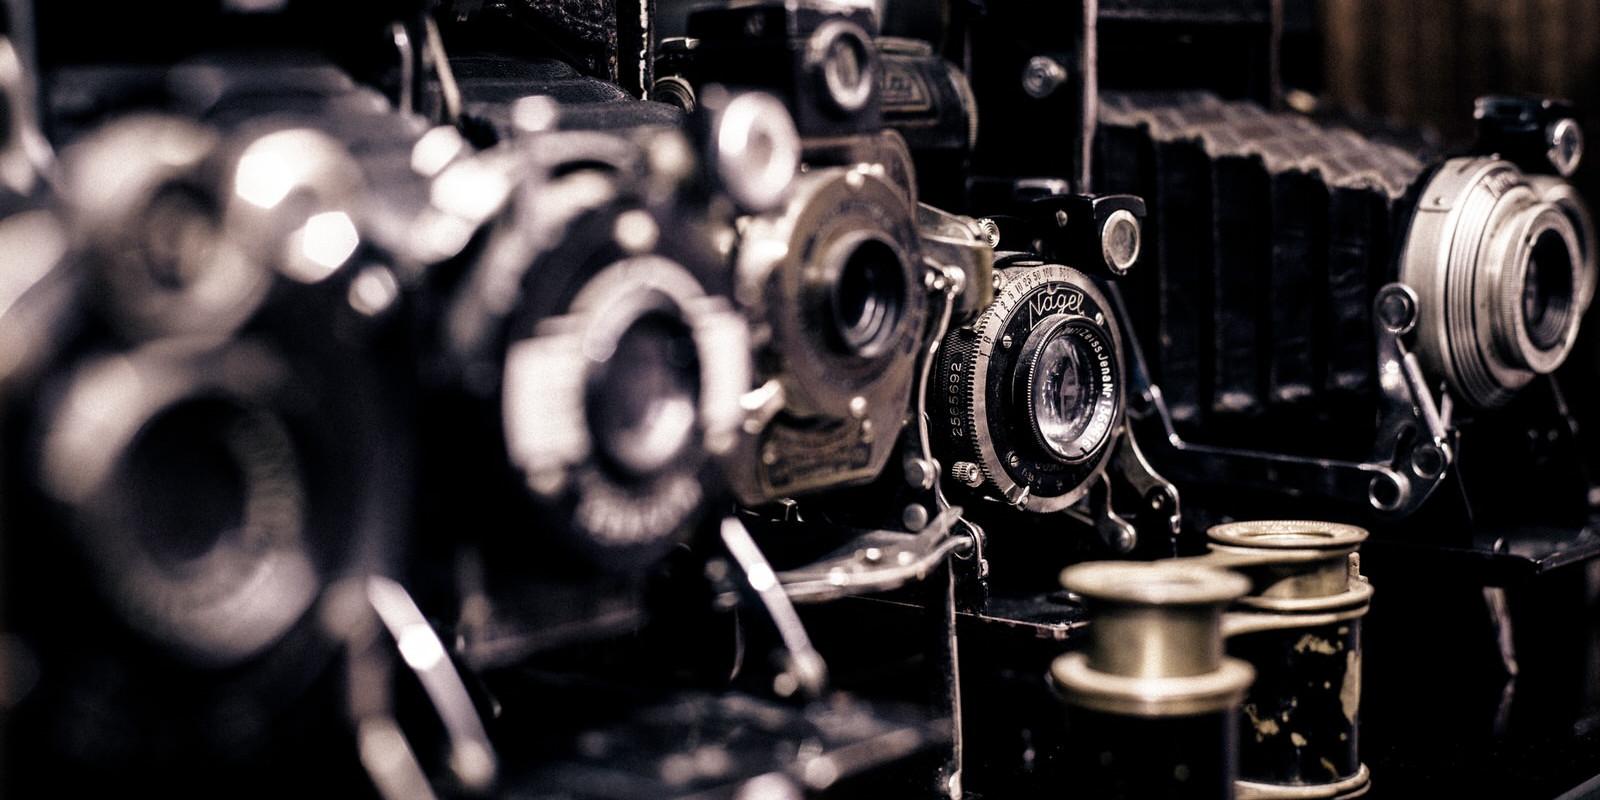 Old cameras hgb3uw